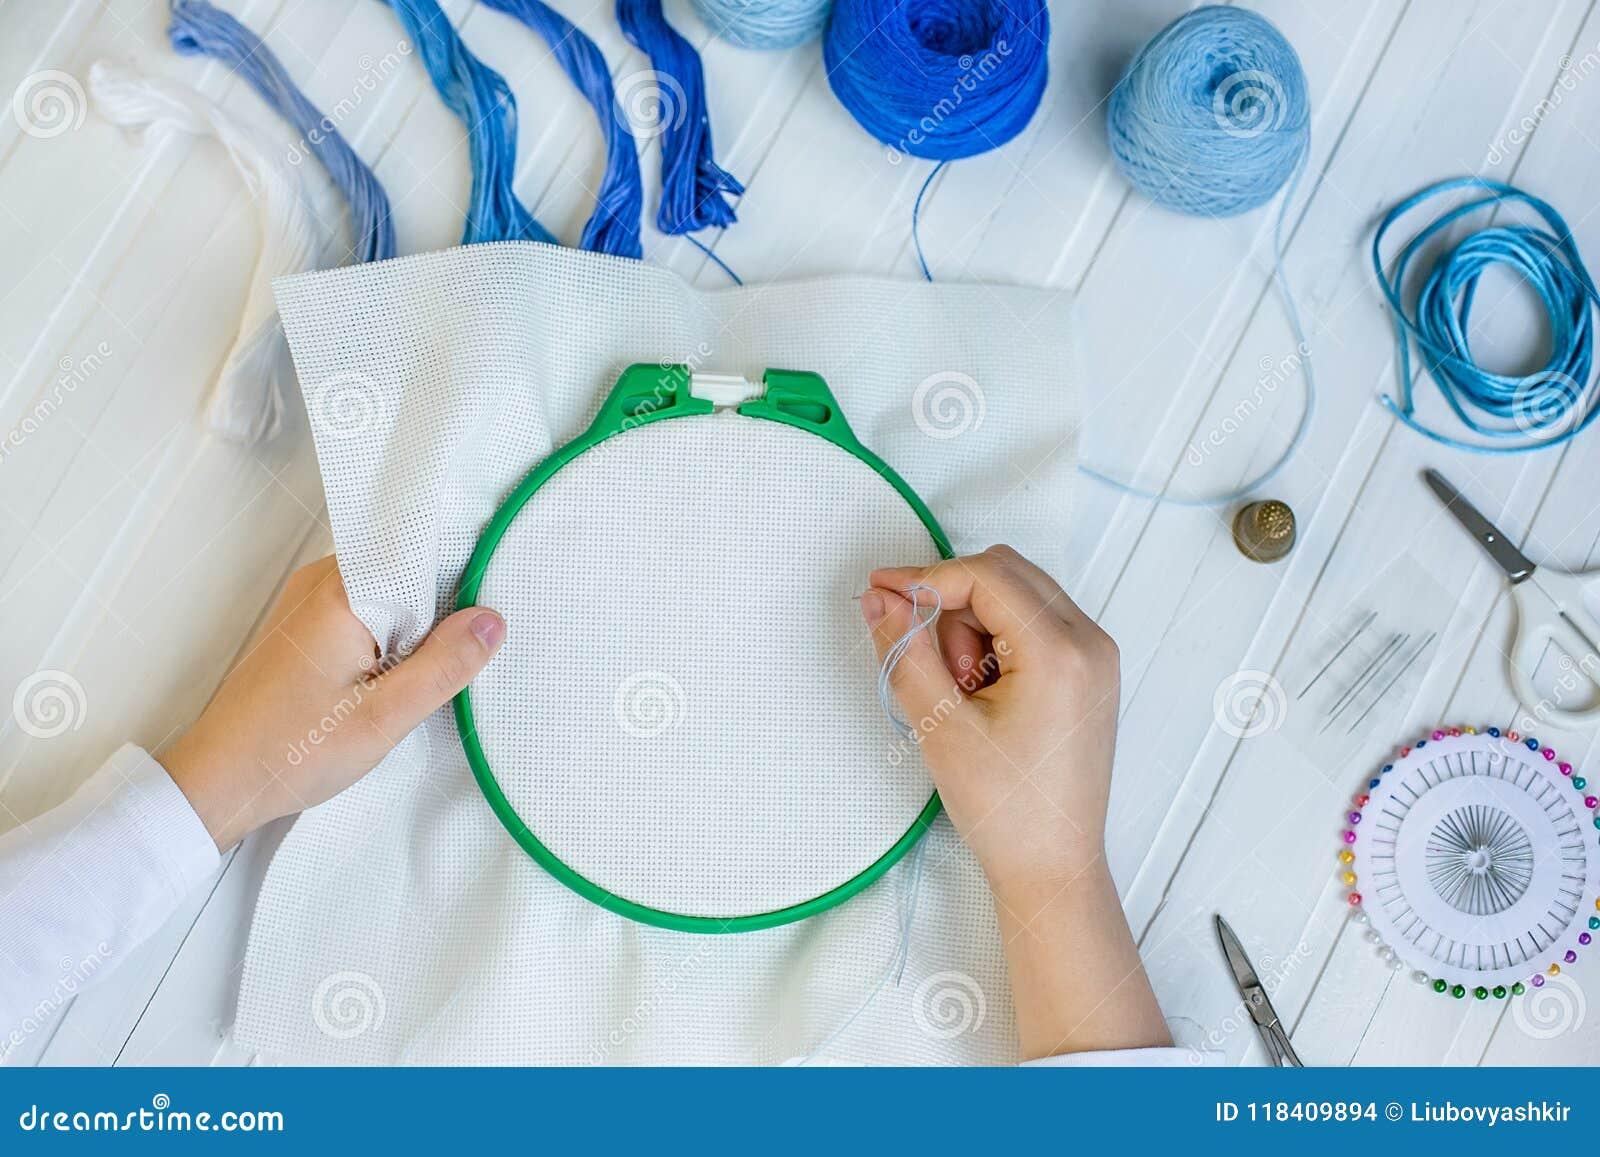 De reeks voor borduurwerk, borduurwerkhoepel, linnenstof, draad, schaar, borduurde naaldbed